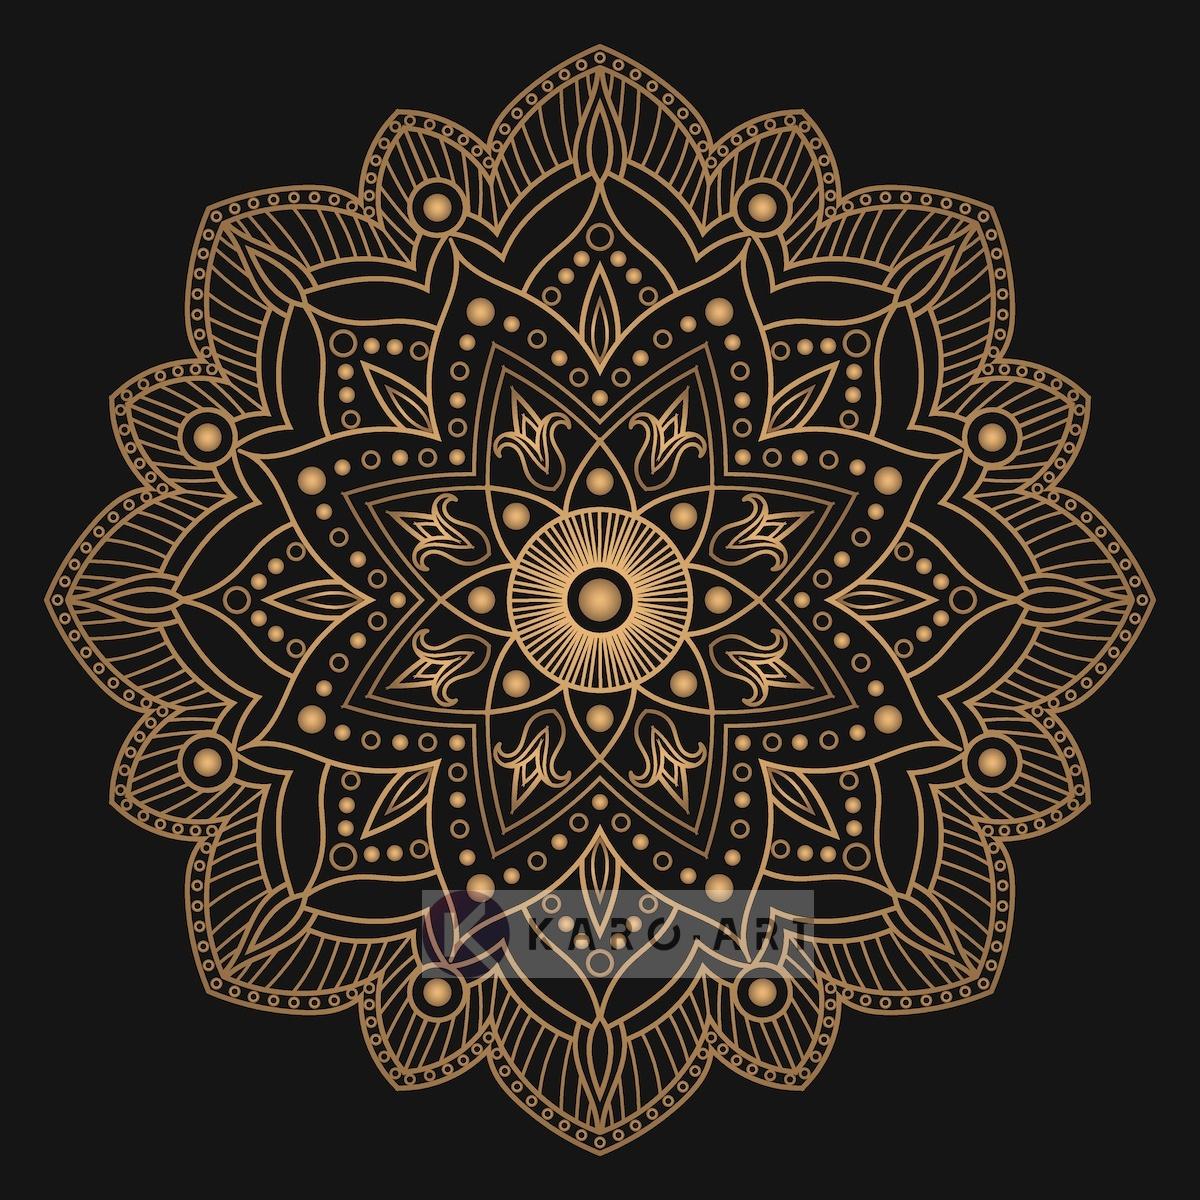 Afbeelding op acrylglas - Mandala, bruin